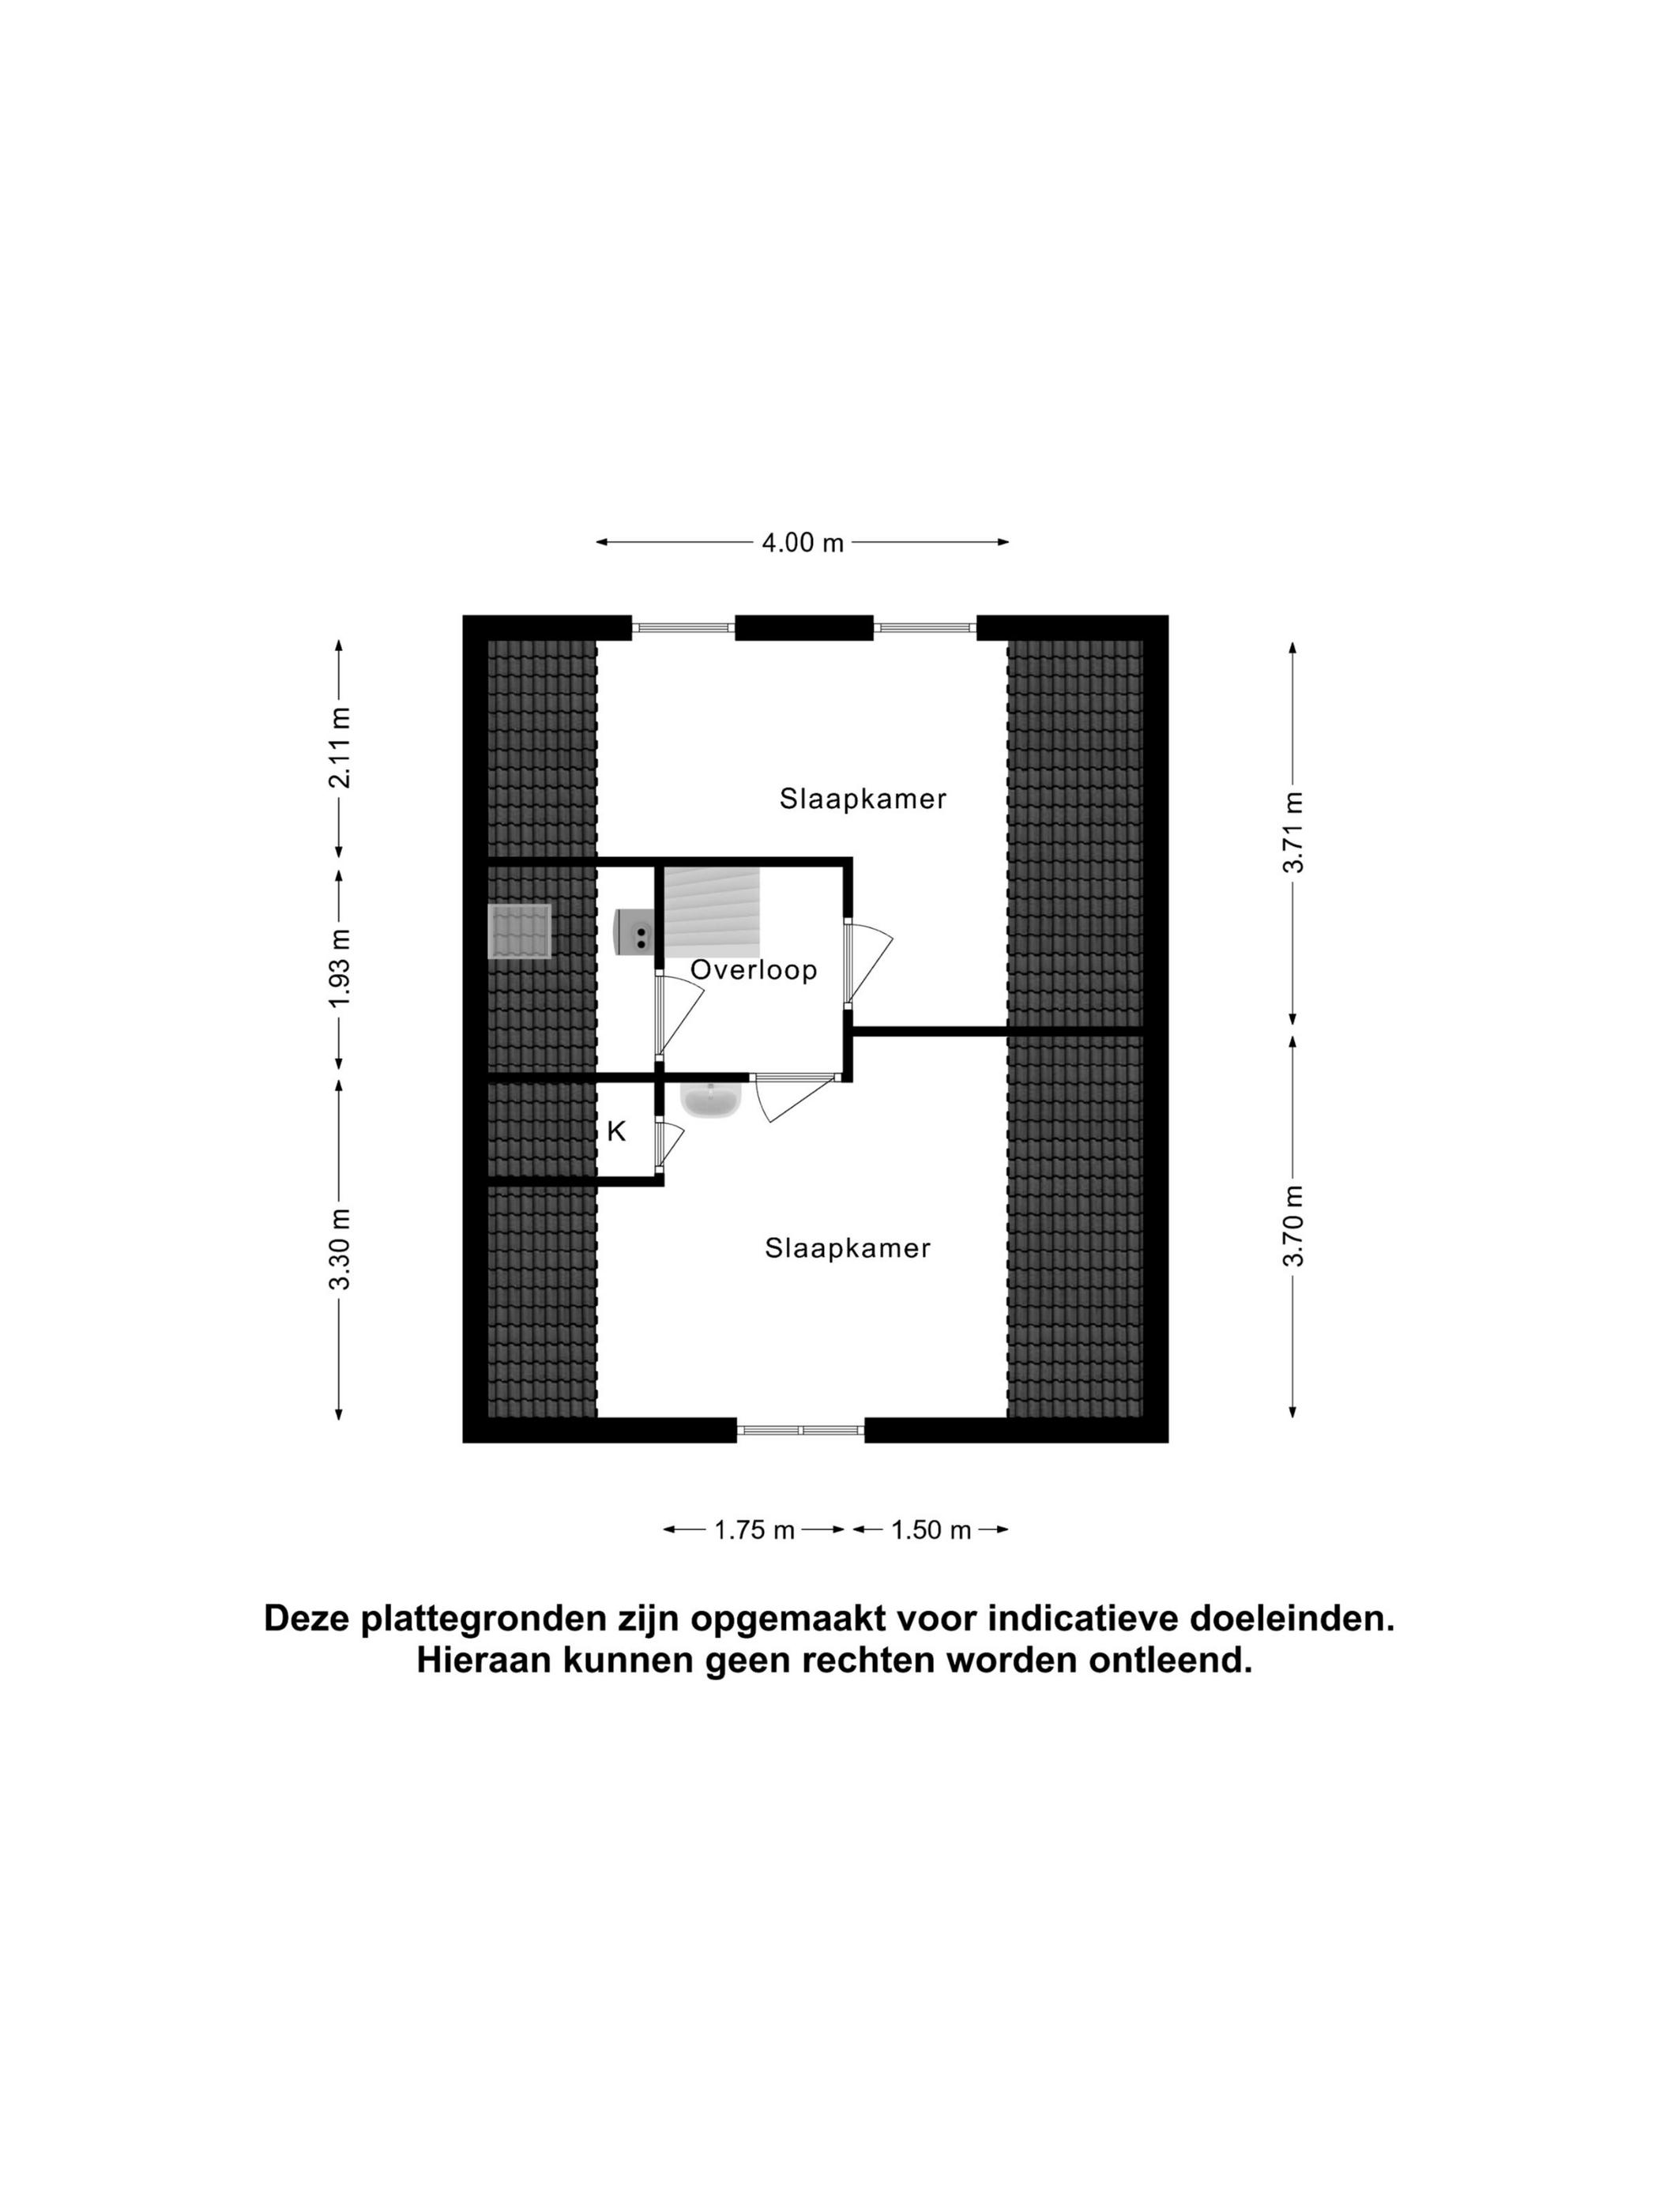 ald-dyk-15-scharnegoutum-plattegrond-79